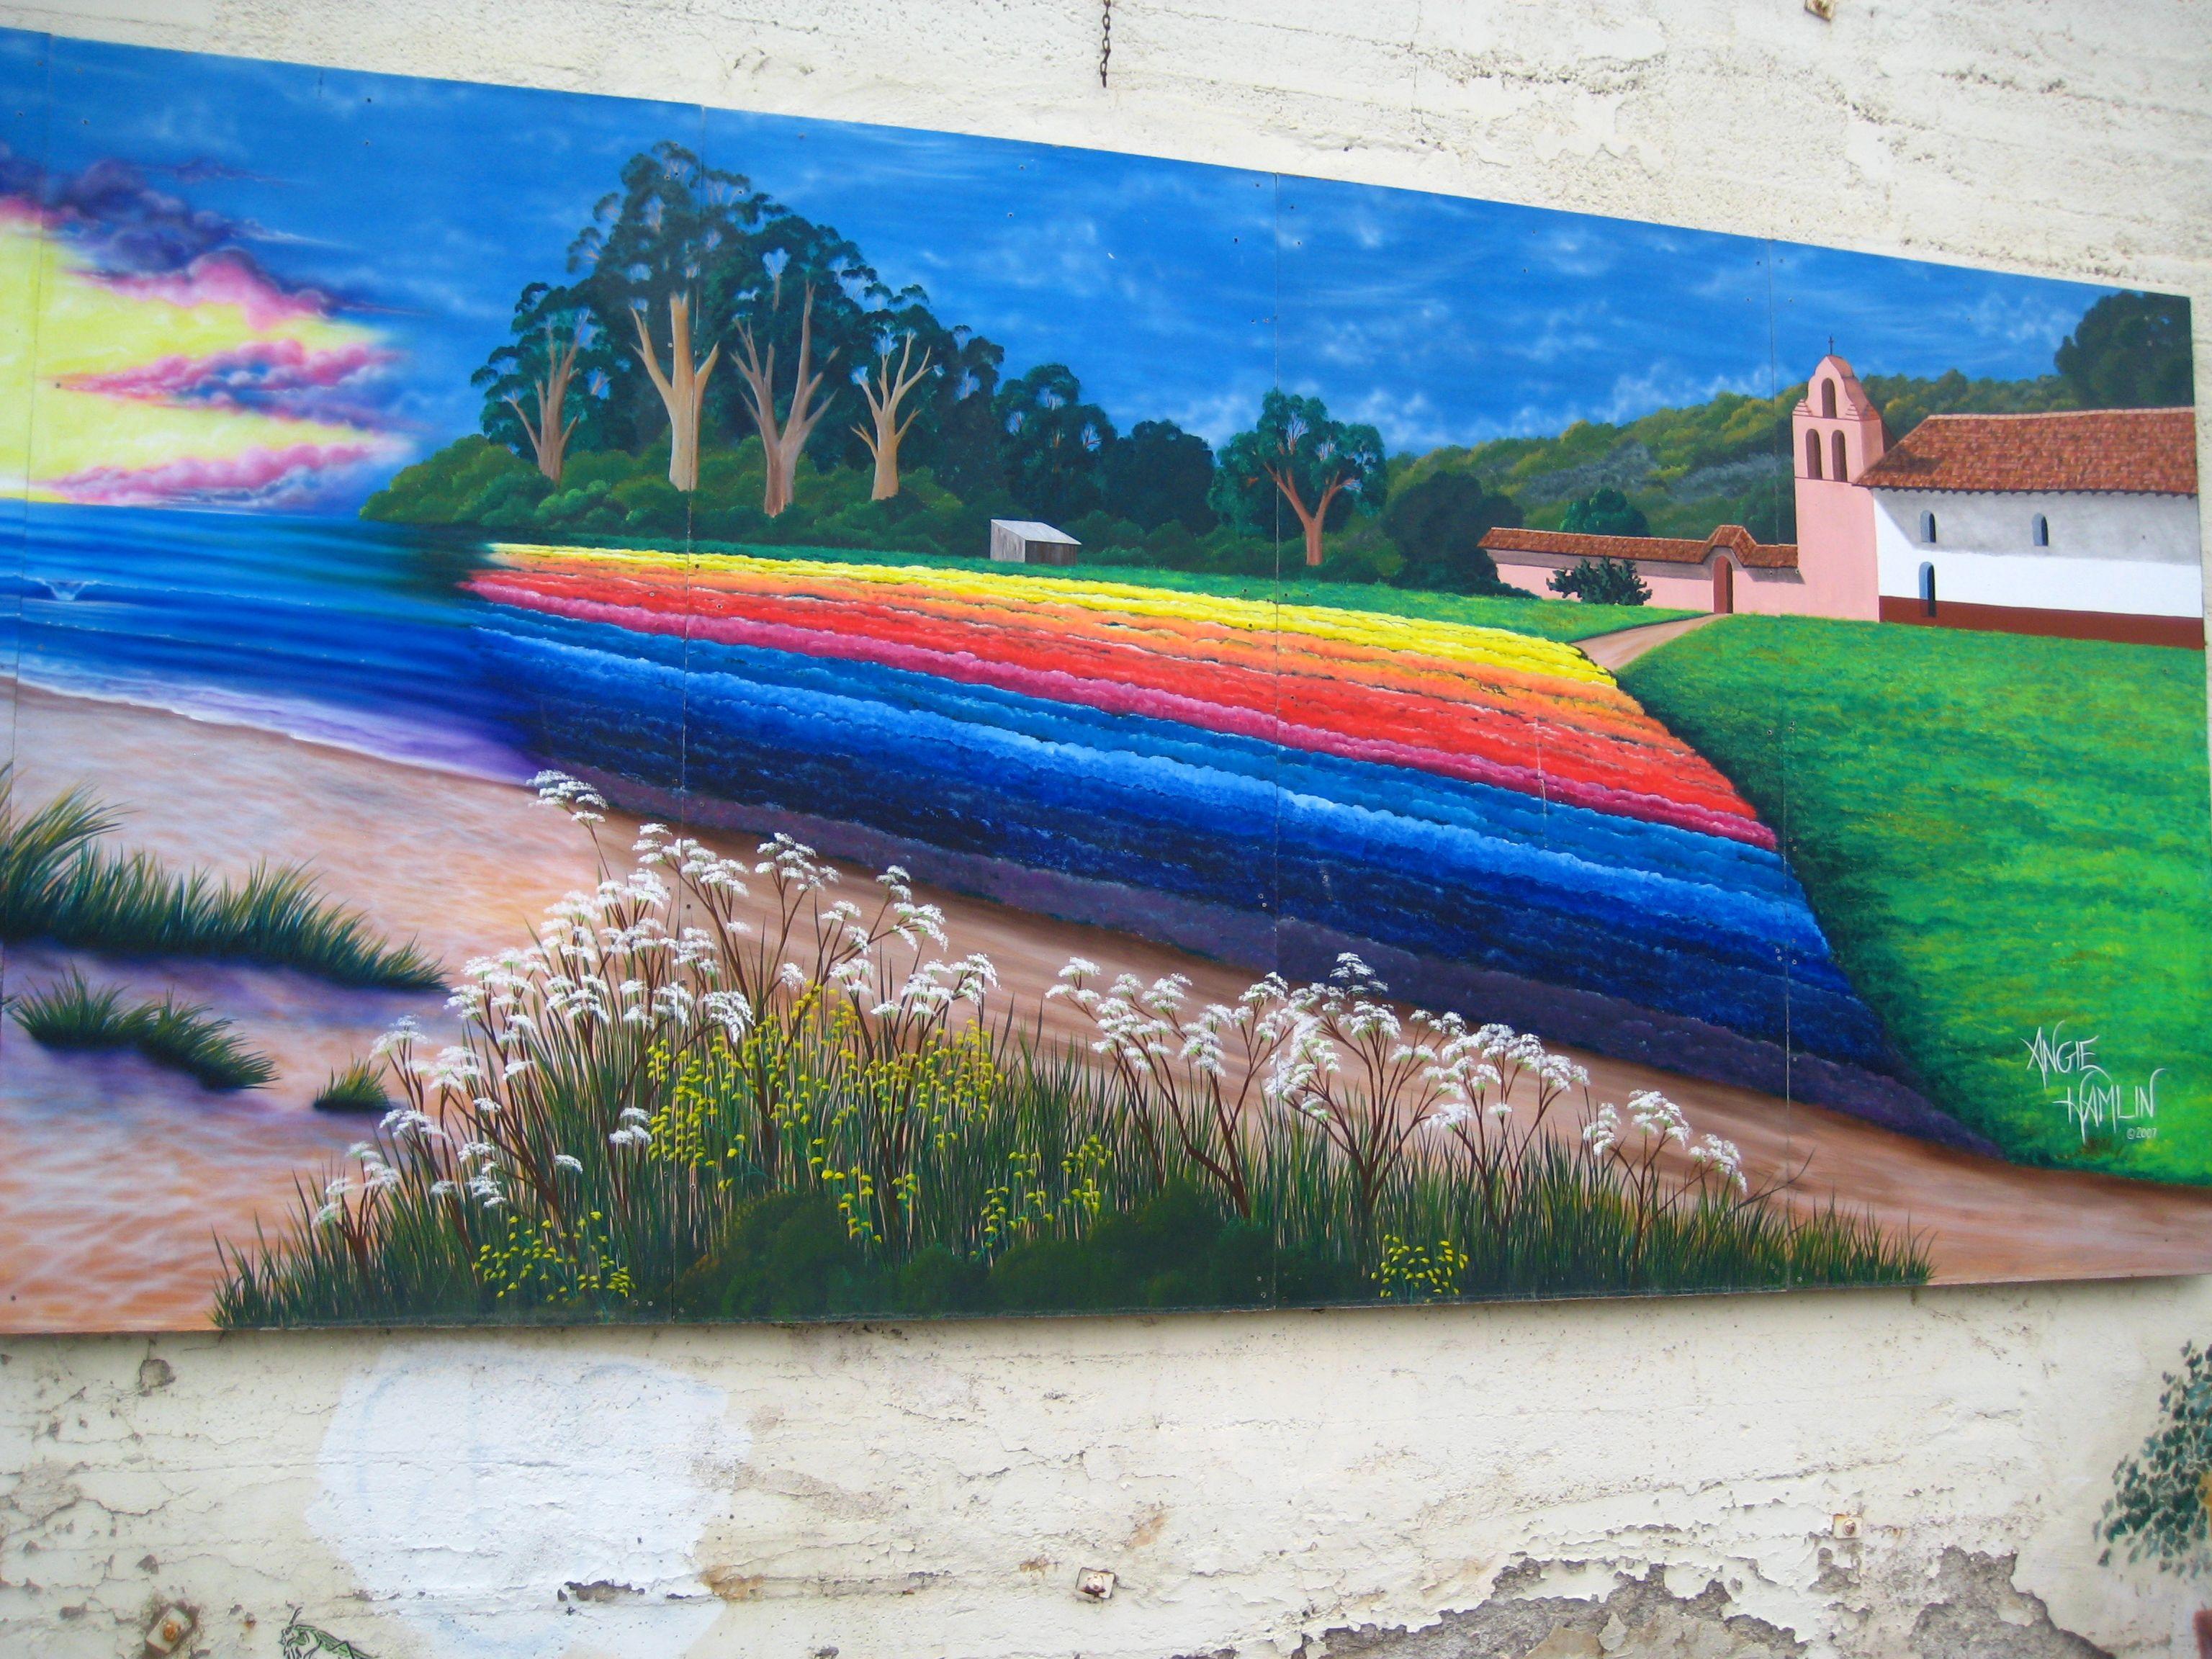 Art alley lompoc art mural